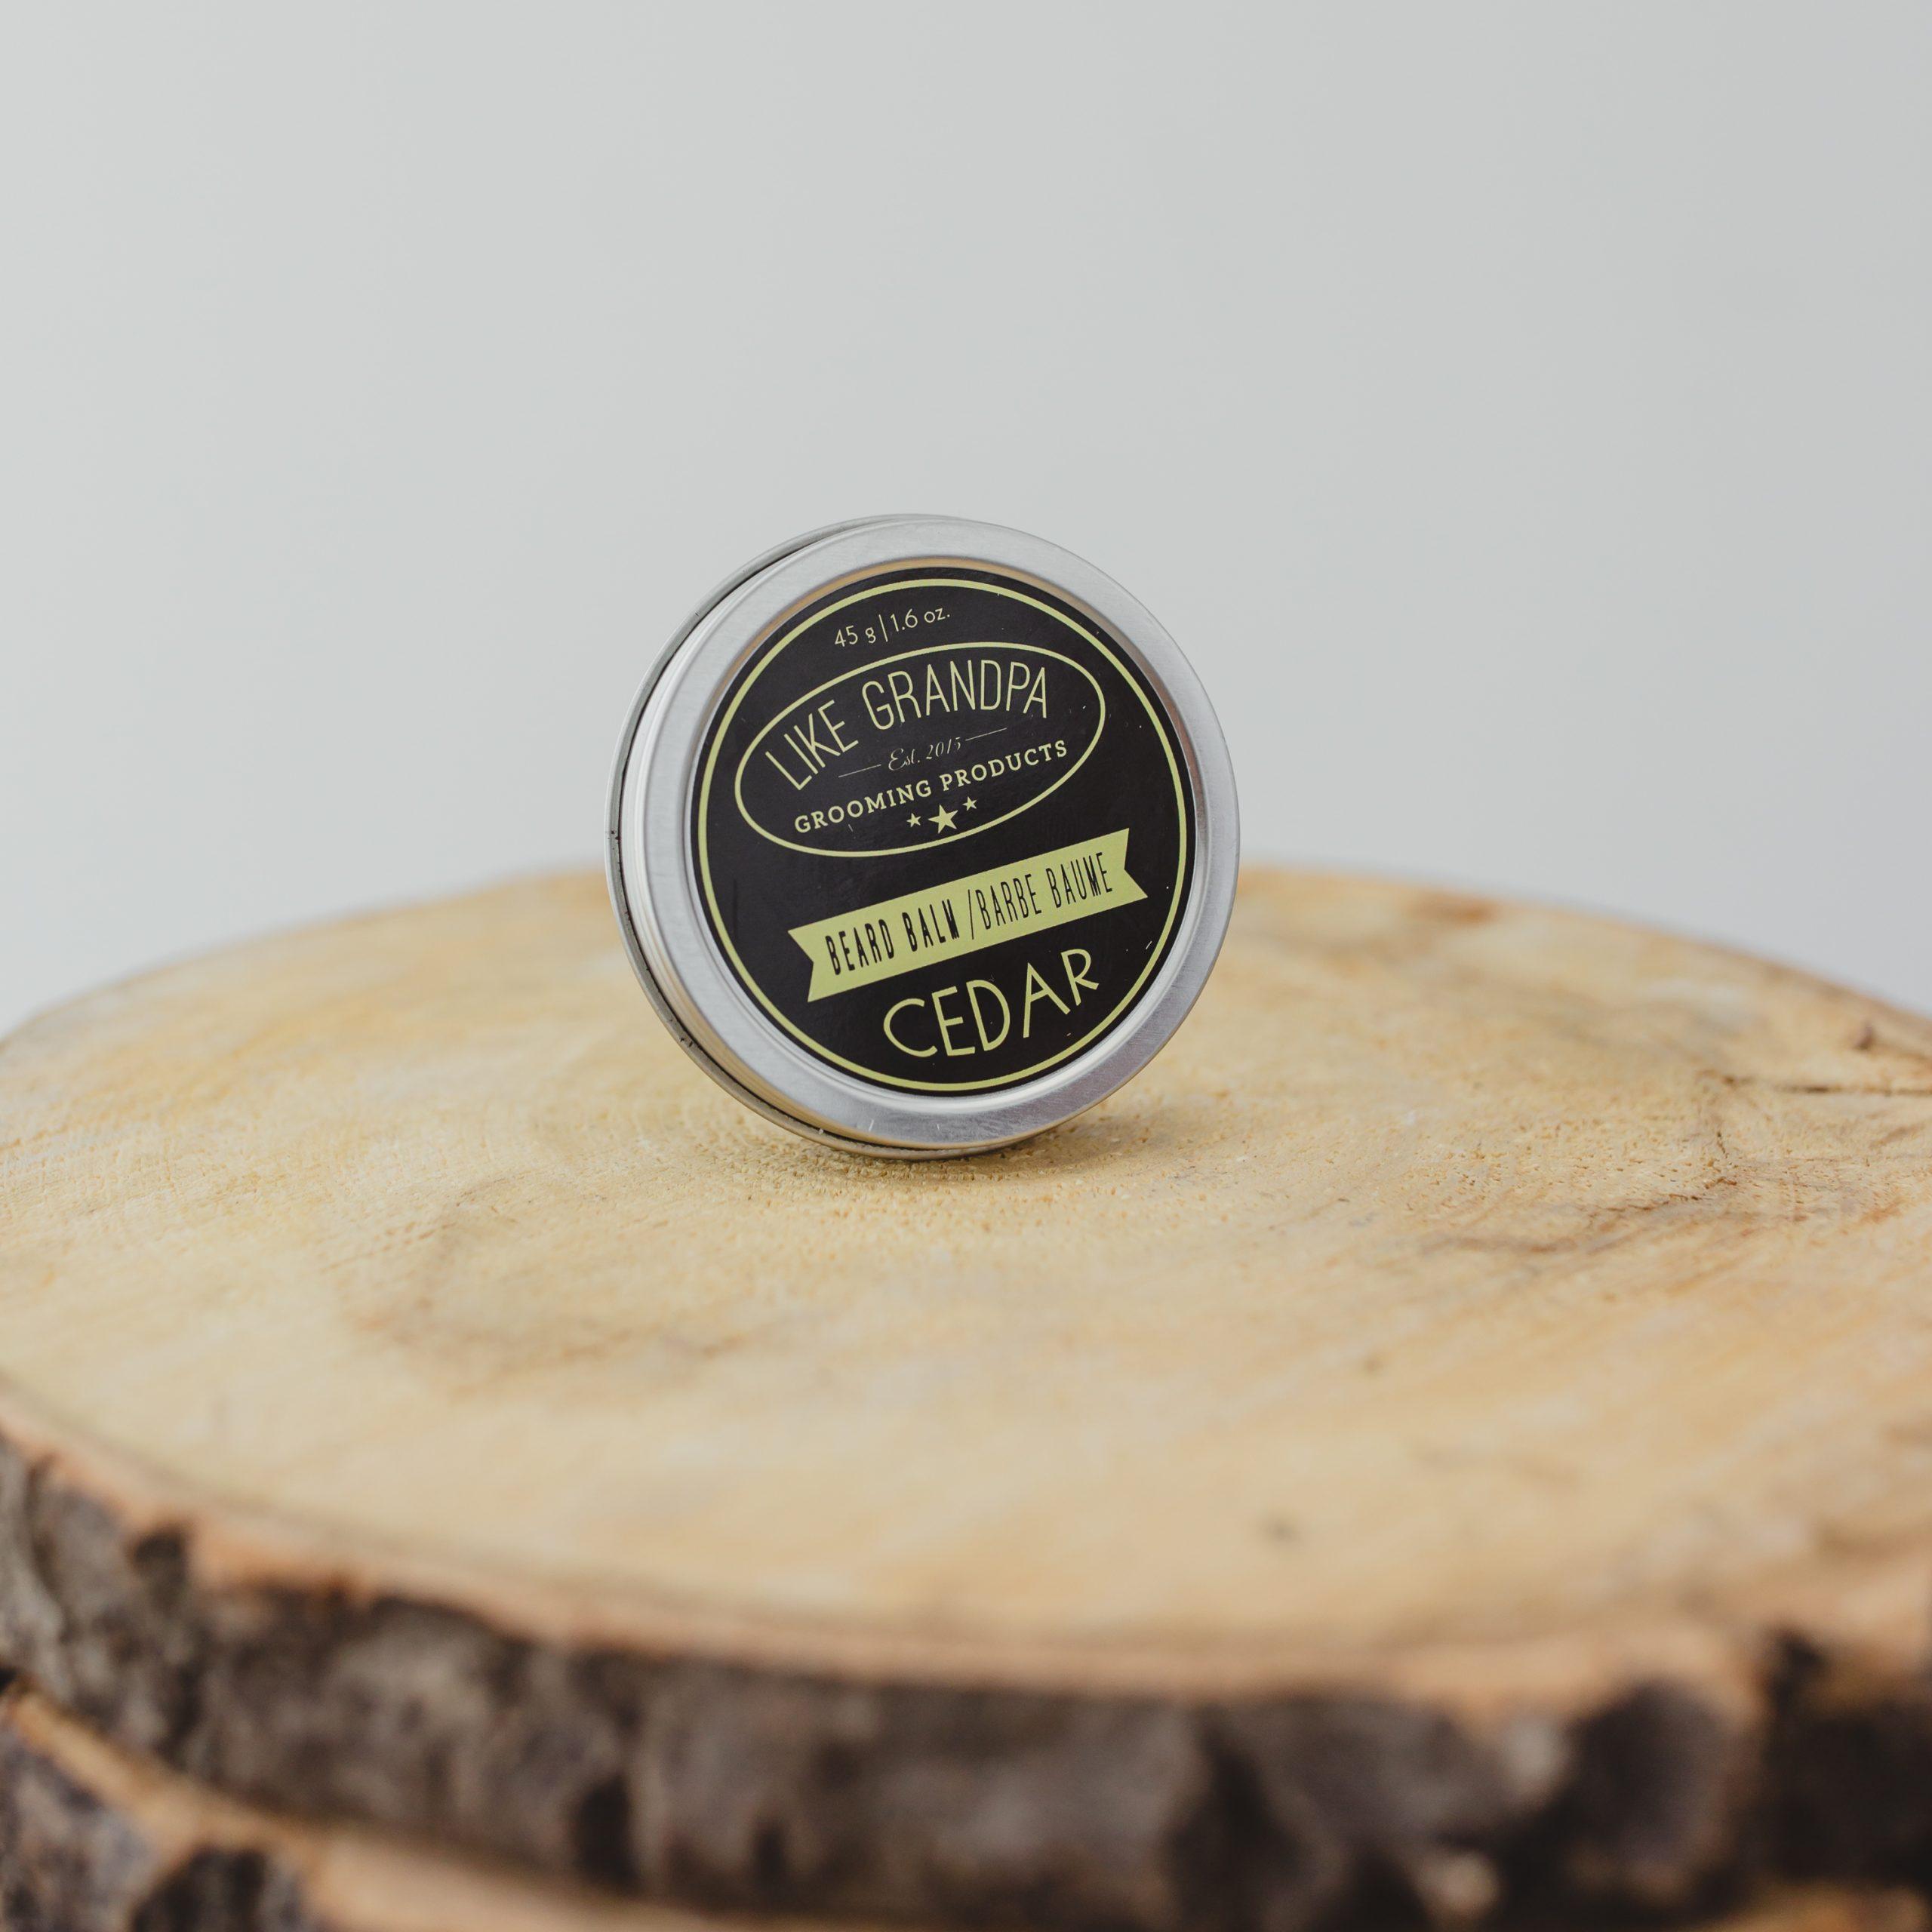 Cedar Beard Balm